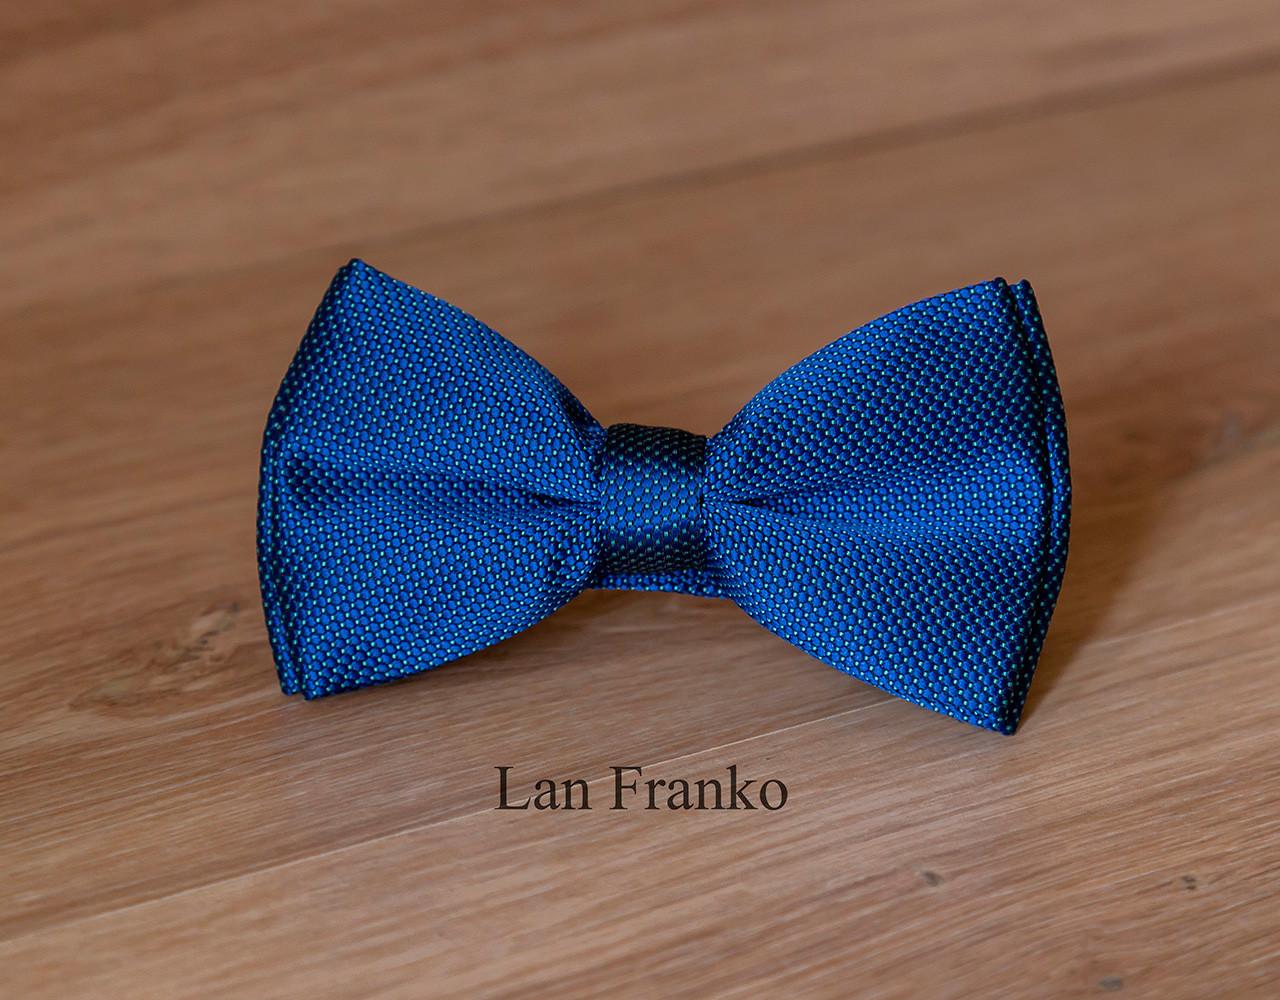 Чоловіча краватка-метелик з візерунком   LAN FRANKO